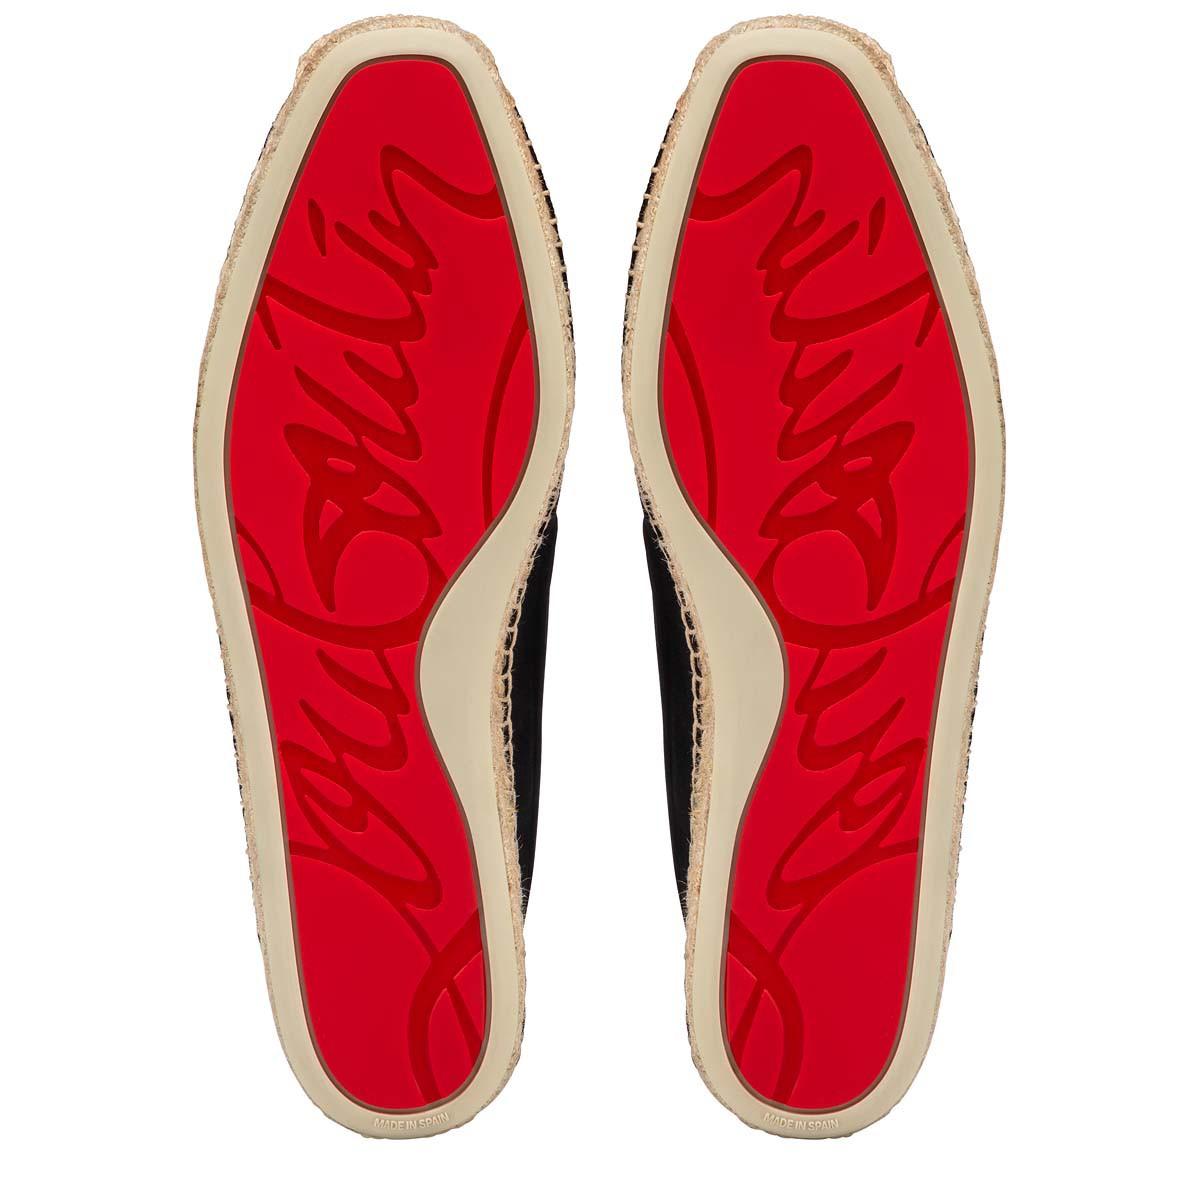 Shoes - Paquepapa Flat - Christian Louboutin